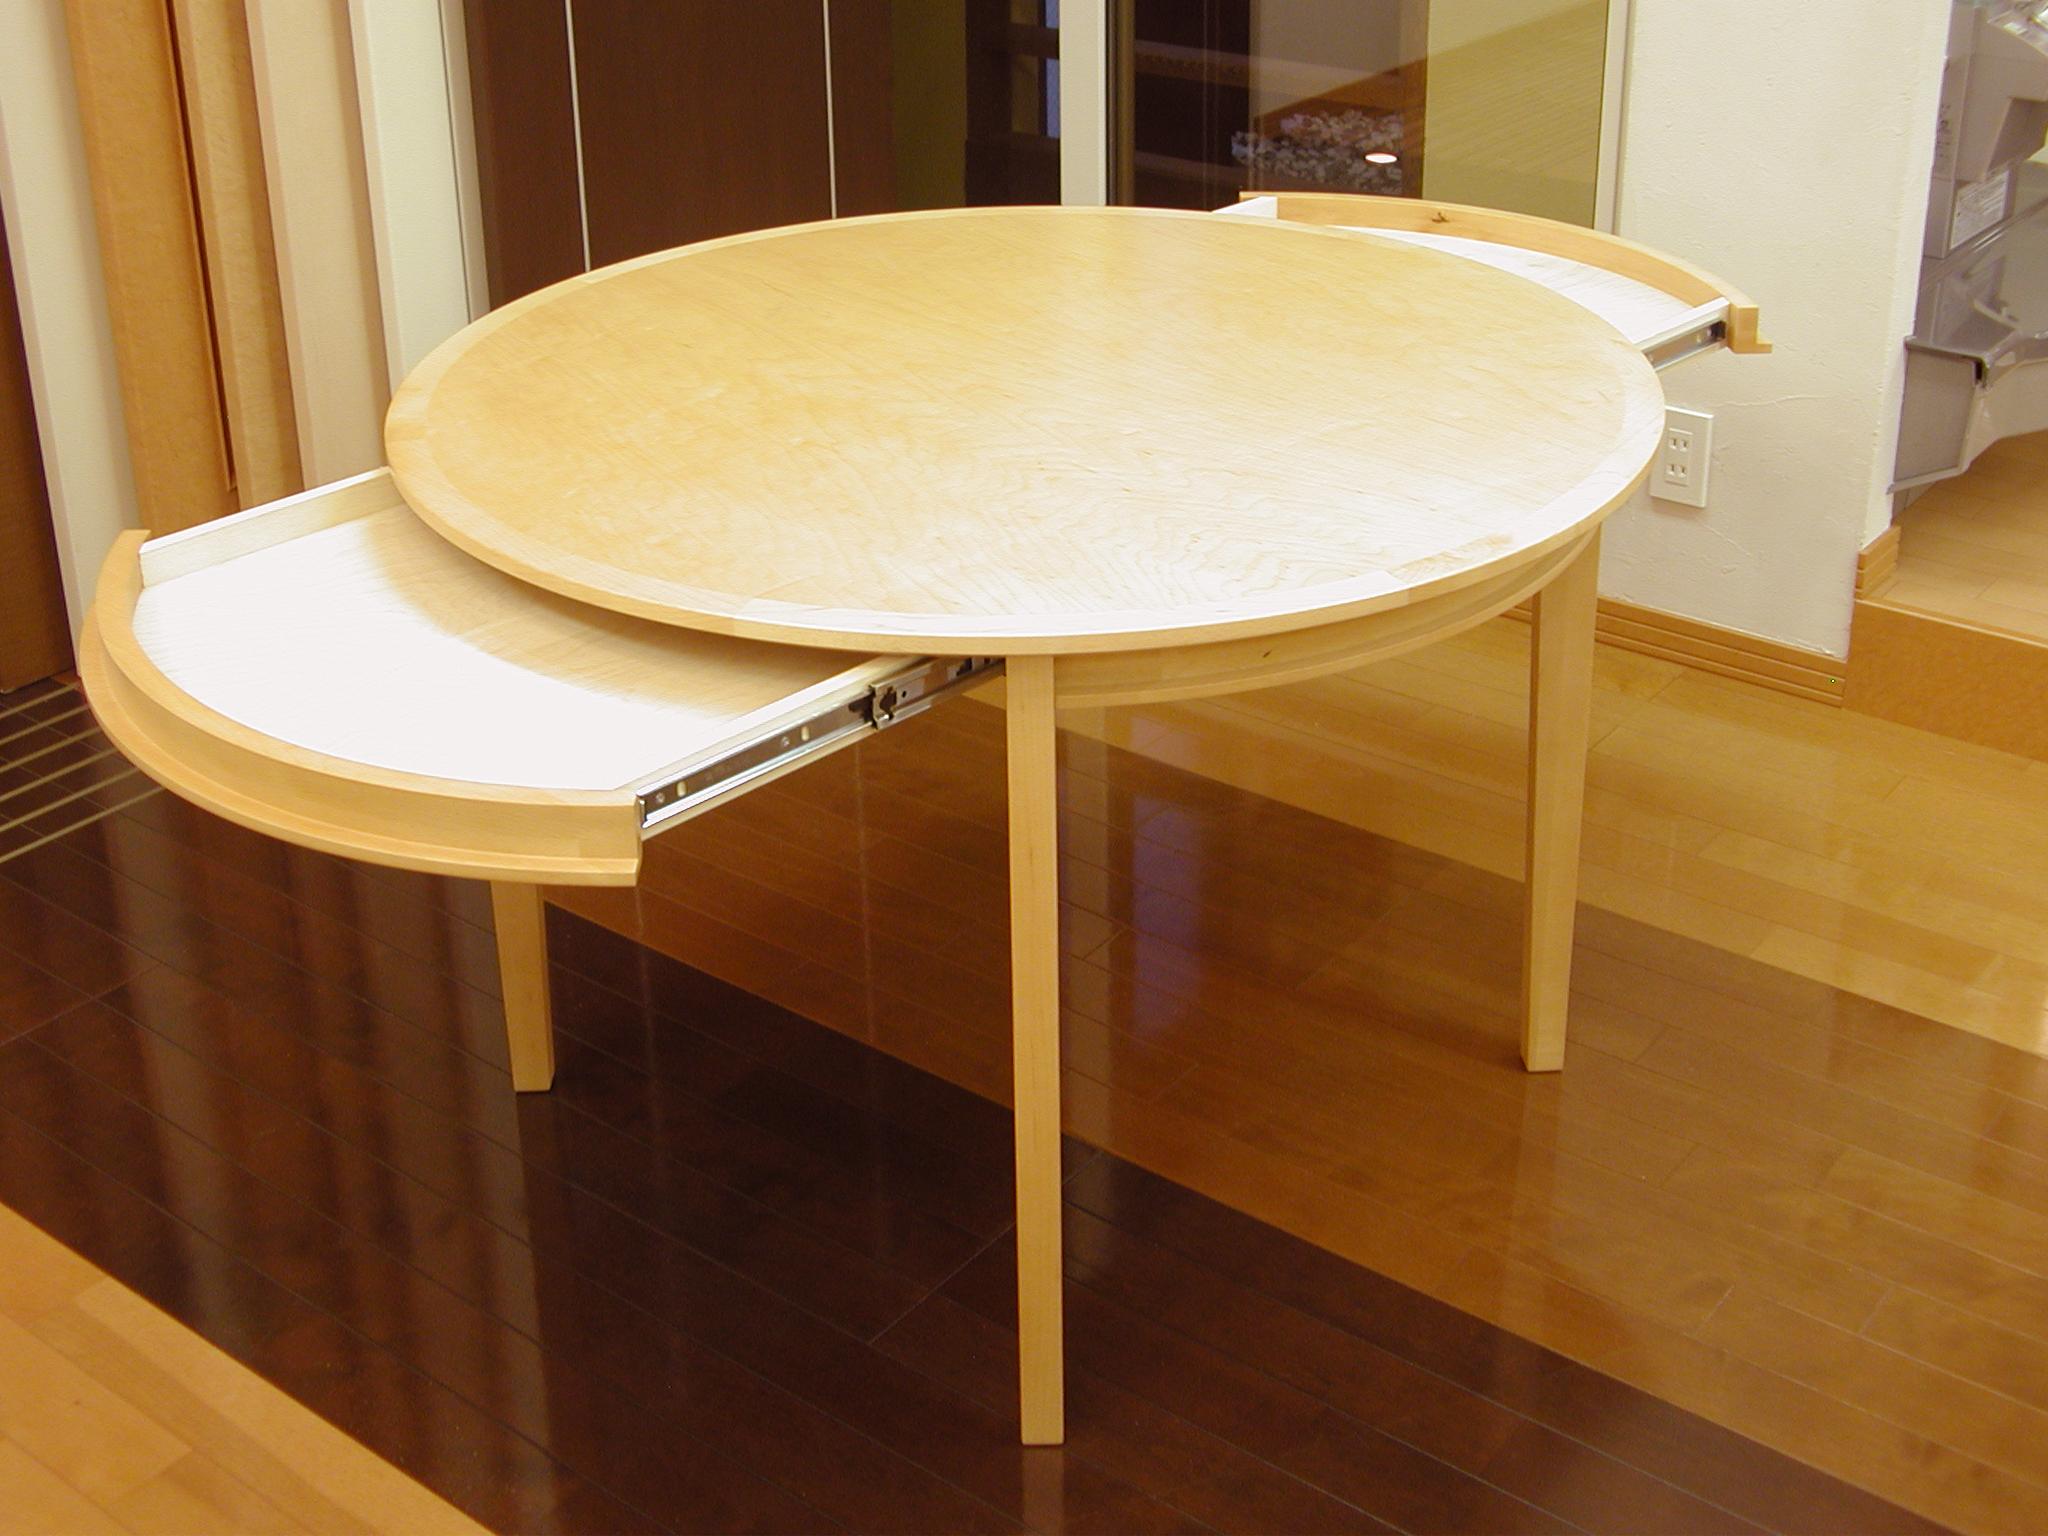 引き出し付きのシンプルな丸テーブル[3]